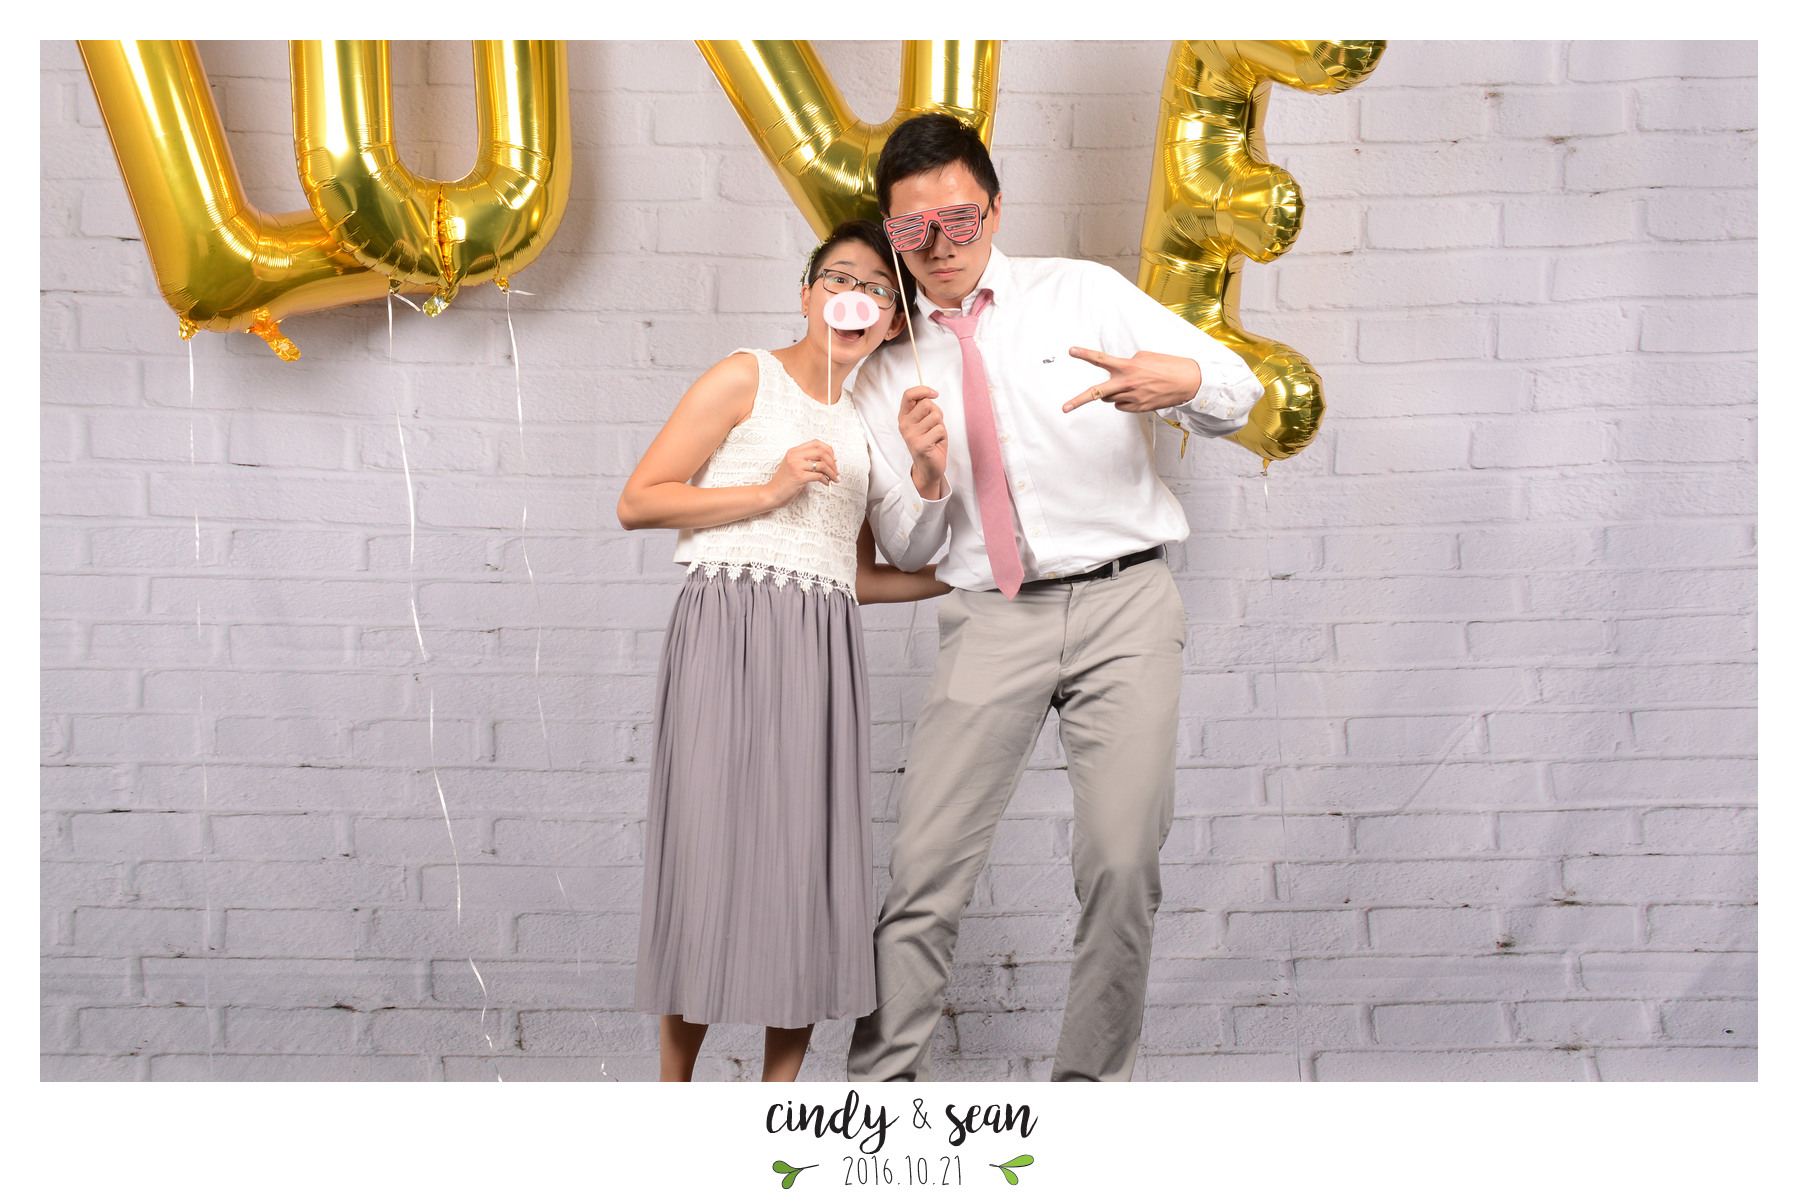 Cindy Sean Bae - 0001-219.jpg